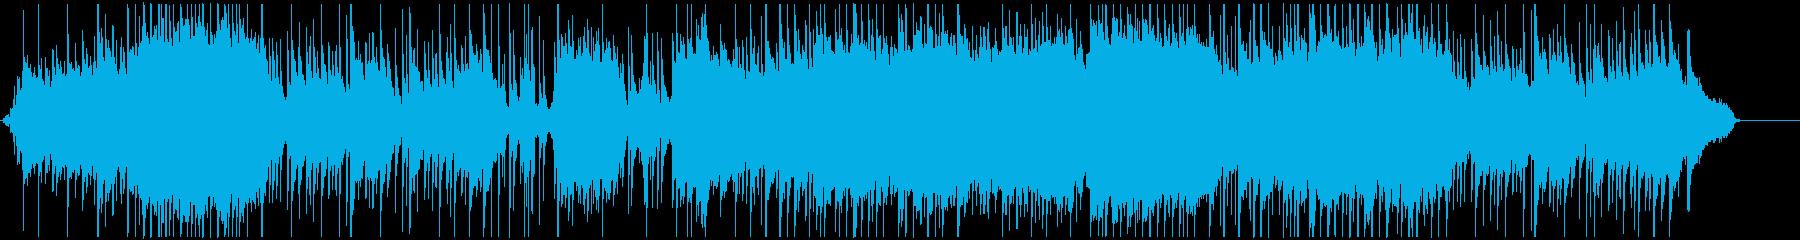 ピアノと弦楽器のゆったりとしたインスト曲の再生済みの波形